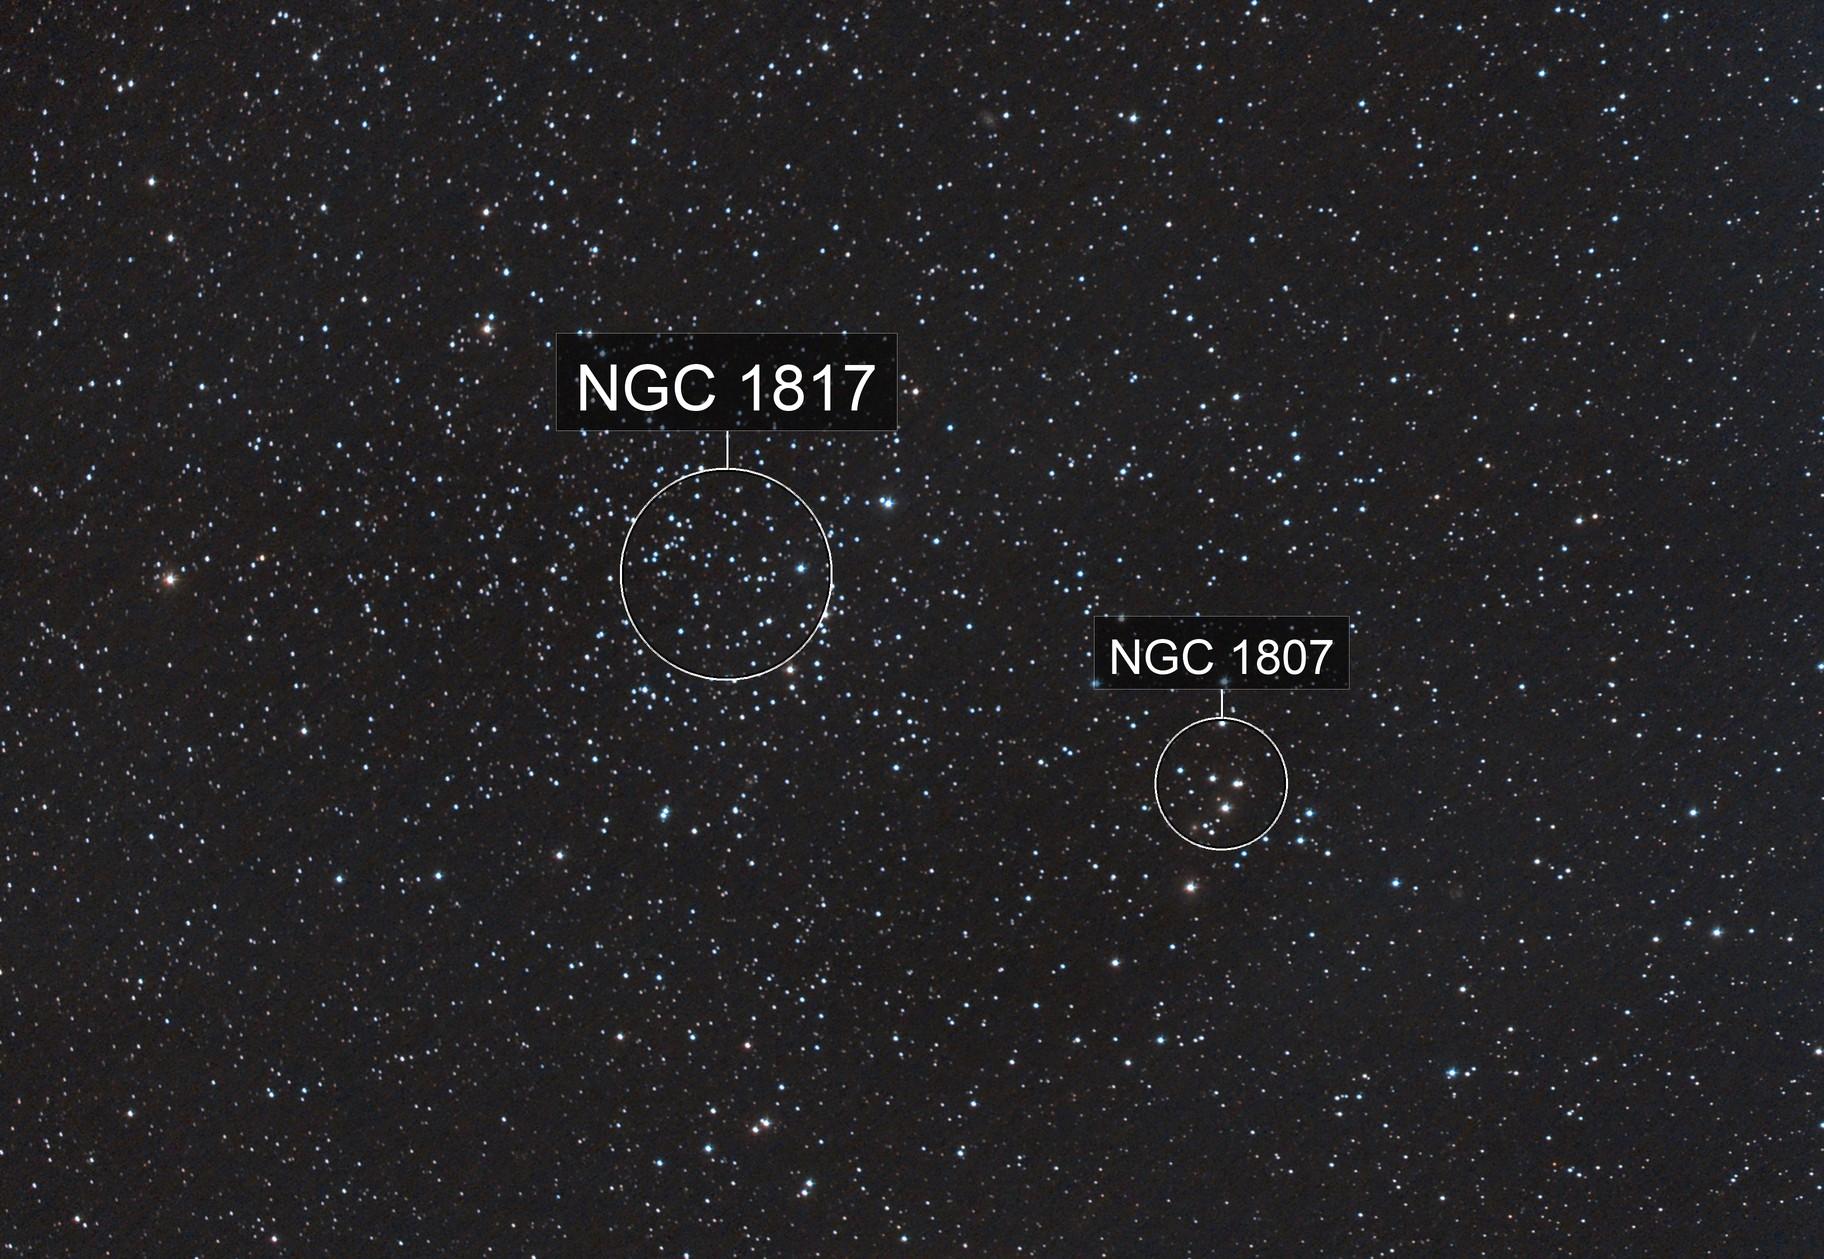 NGC1807 & NGC1817 (07 Nov 2020)